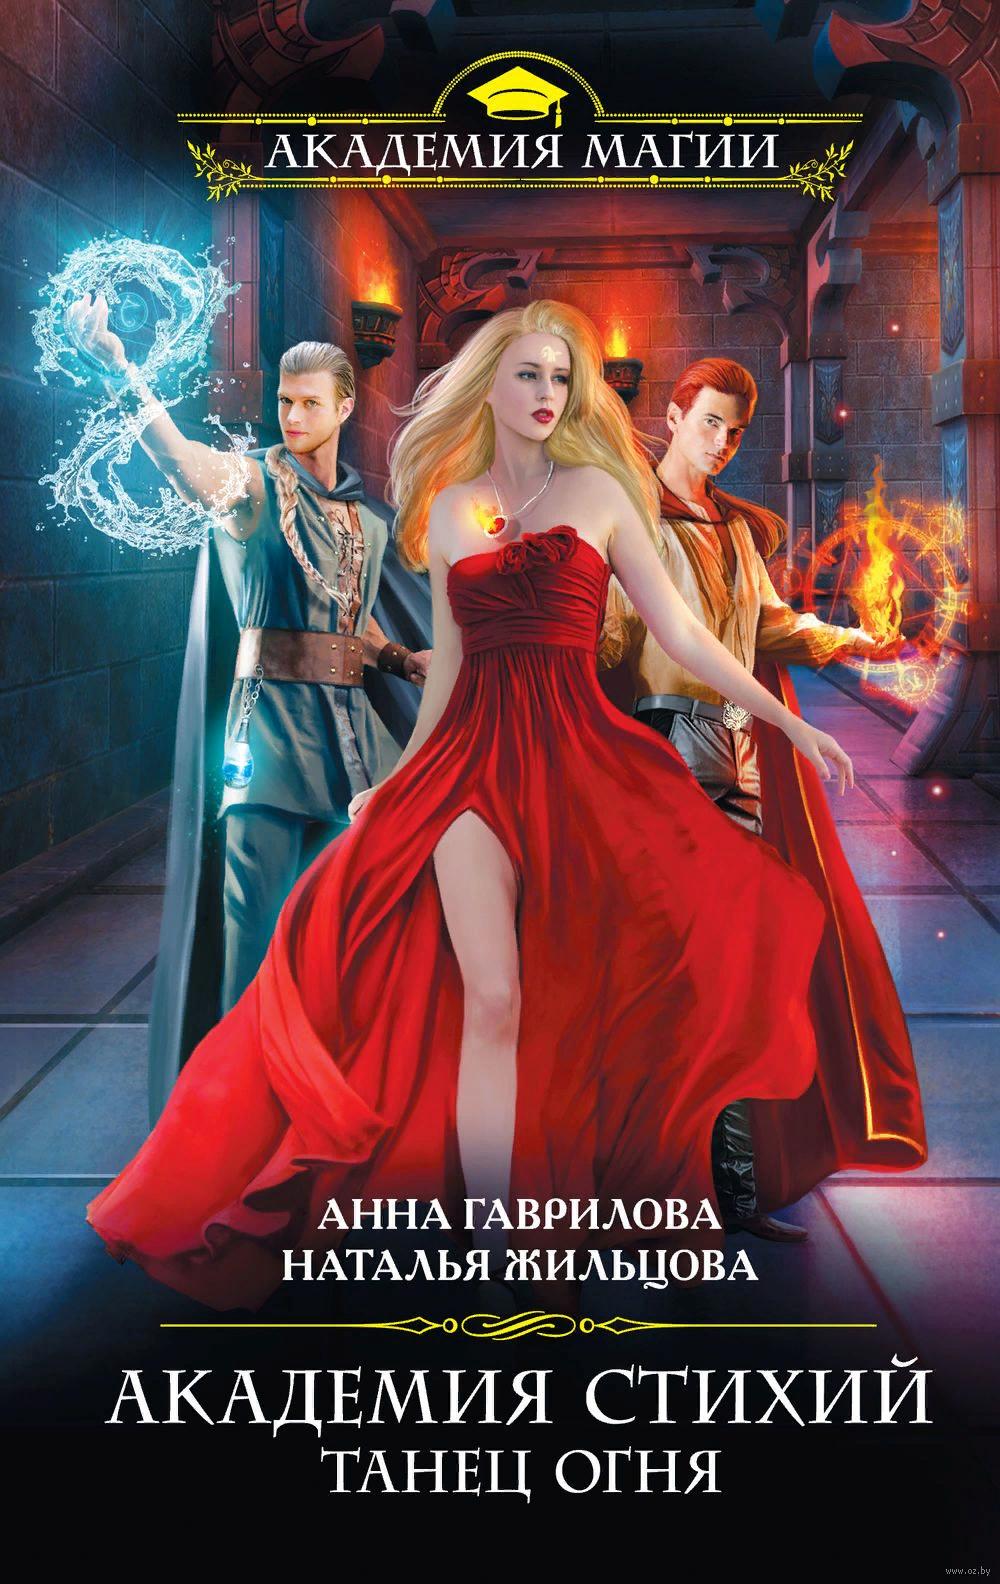 Академия Стихий. Танец Огня. Авторы: Наталья Жильцова, Анна Гаврилова